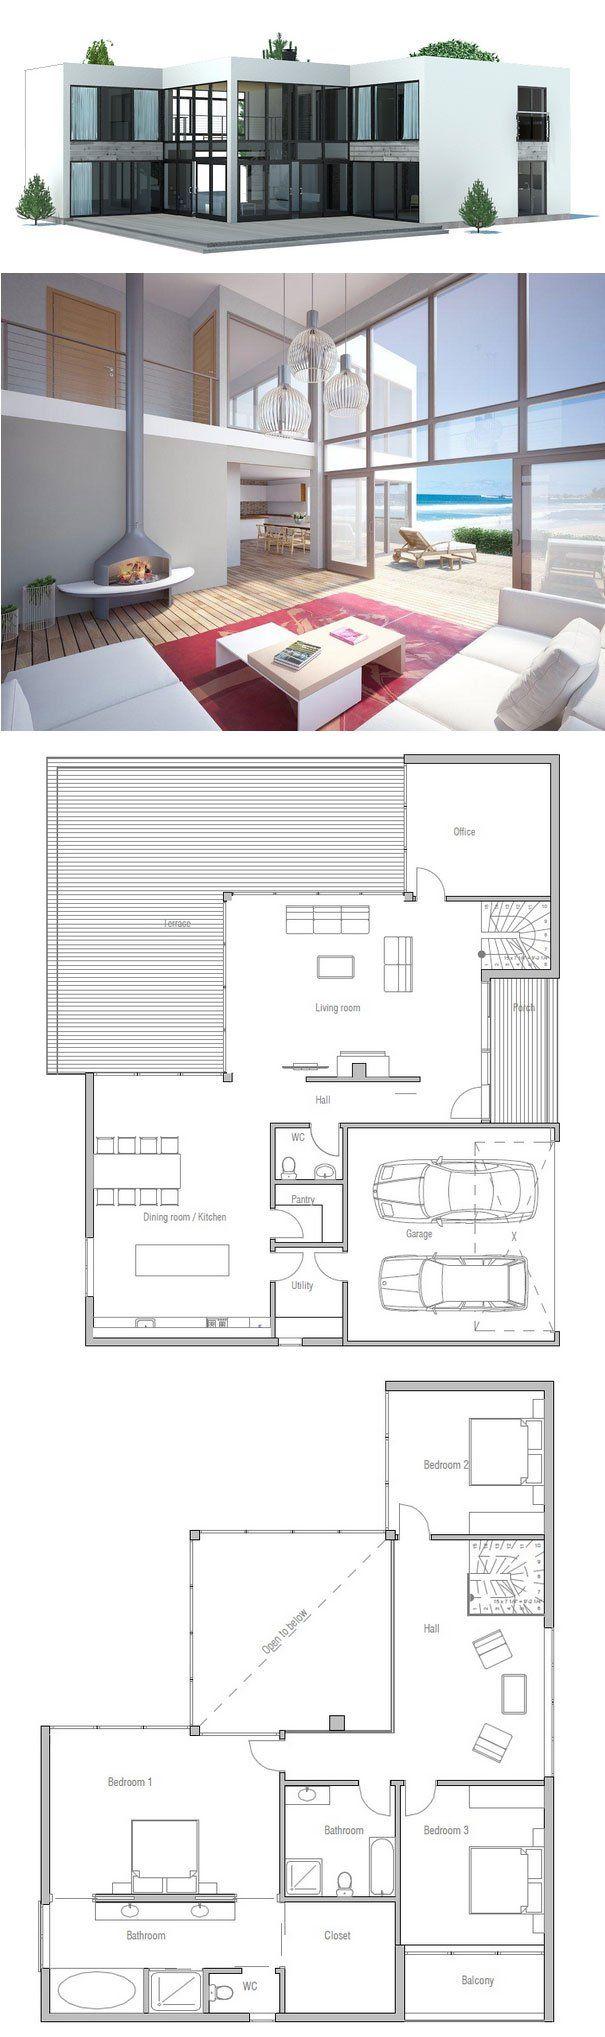 Contemporary Home Ch168 House Plans Contemporary House Plans Modern House Plans